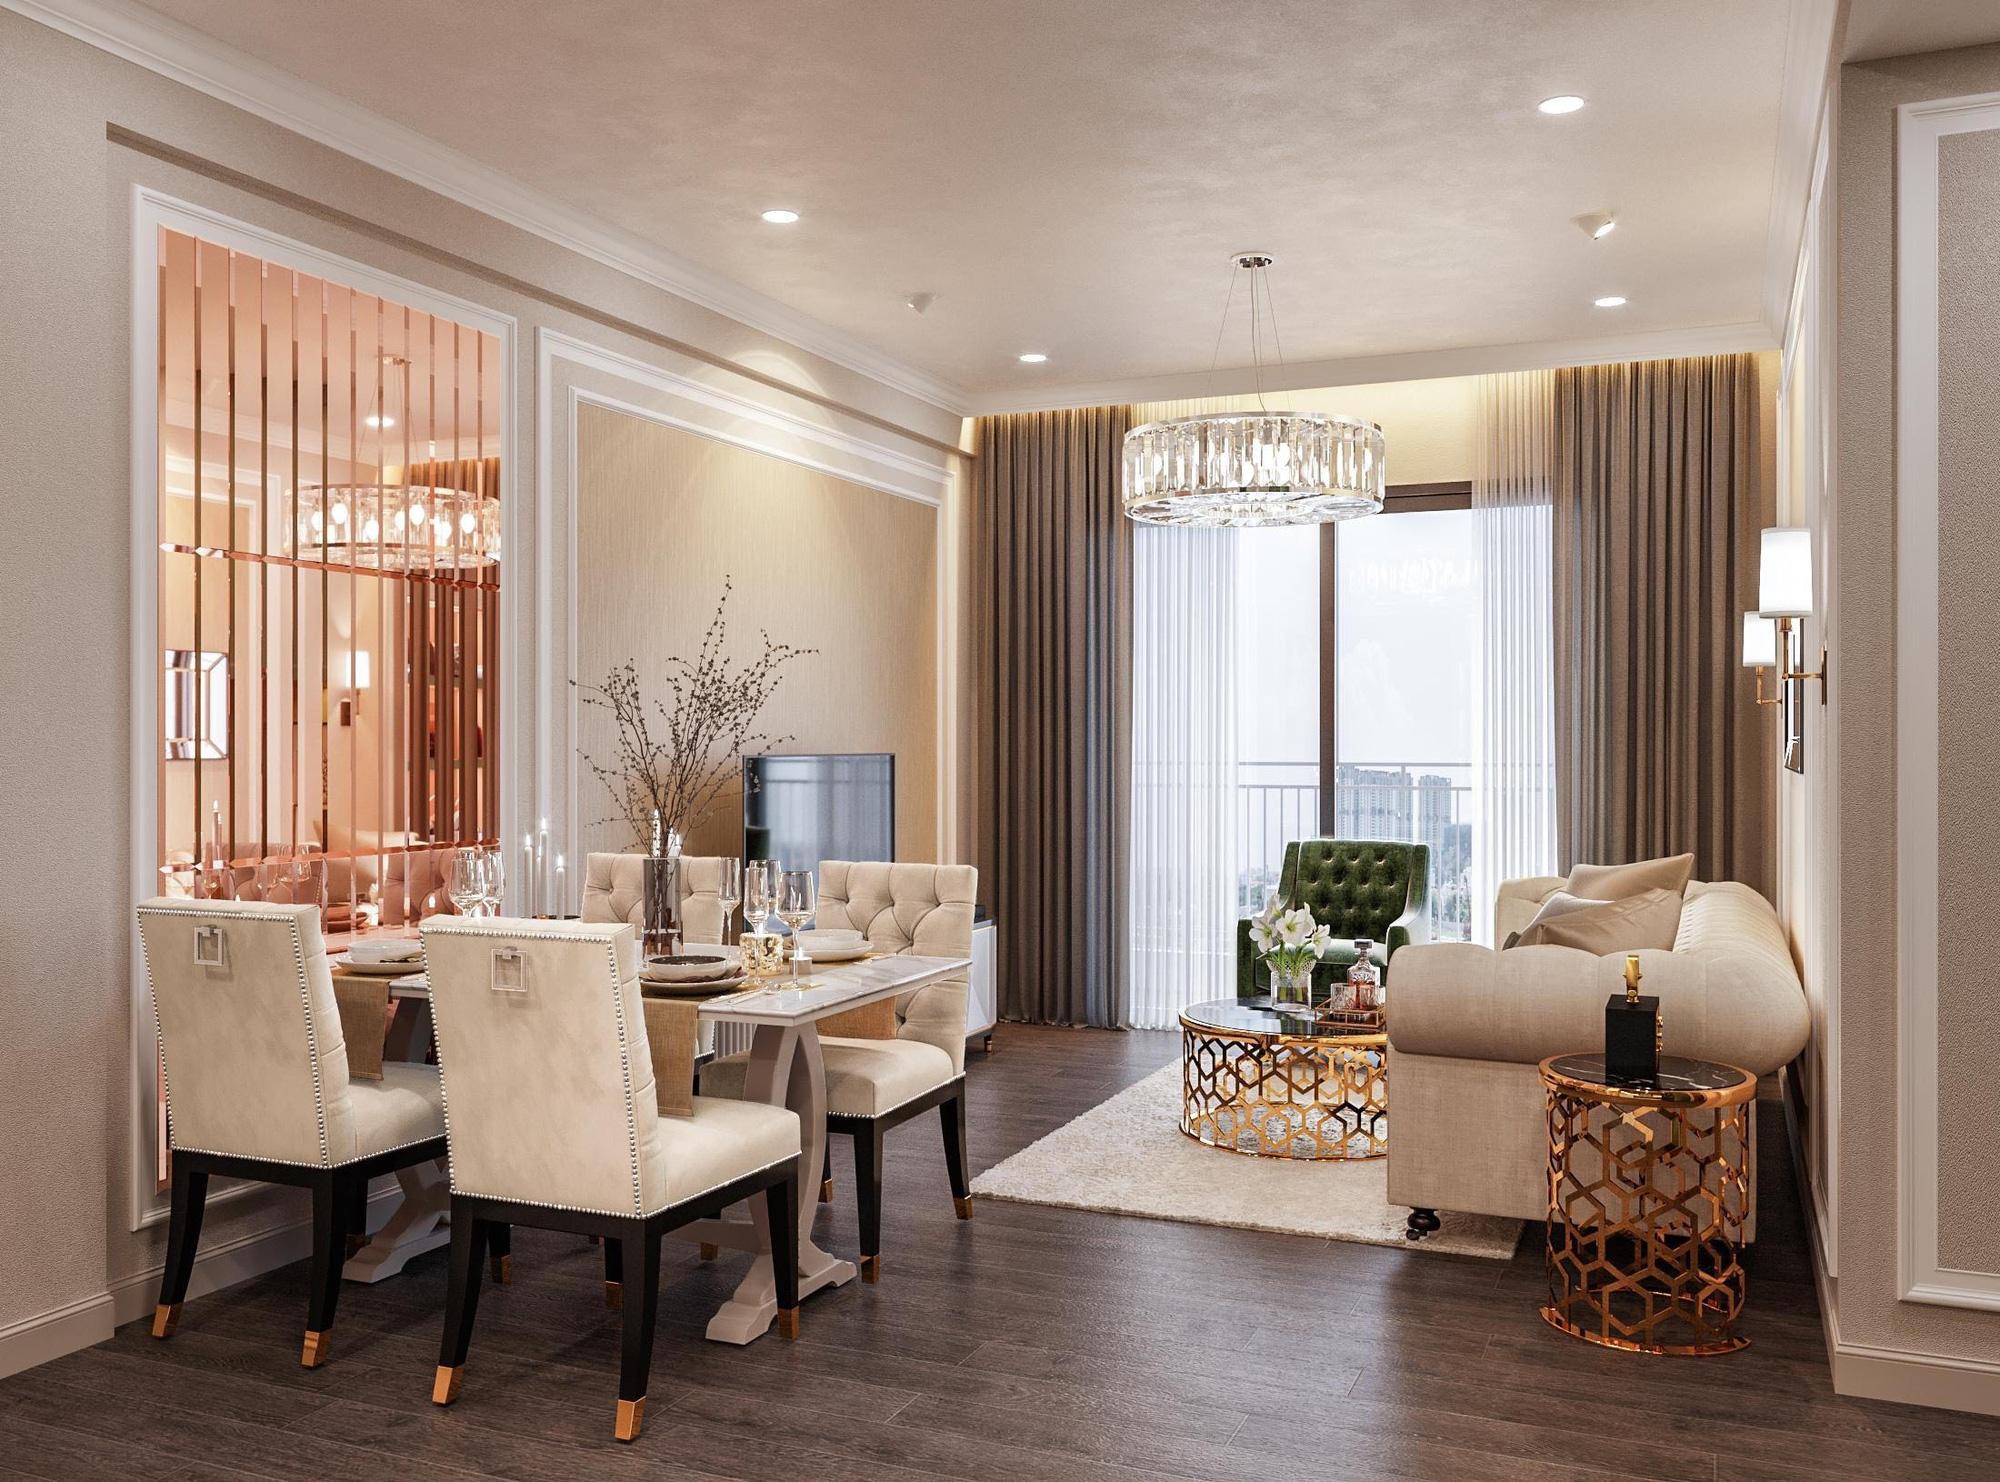 Hồng Loan khoe nhà mới gần 6 tỷ đẹp như khách sạn hạng sang hậu chia tay, Tiến Linh có tiếc? - Ảnh 6.